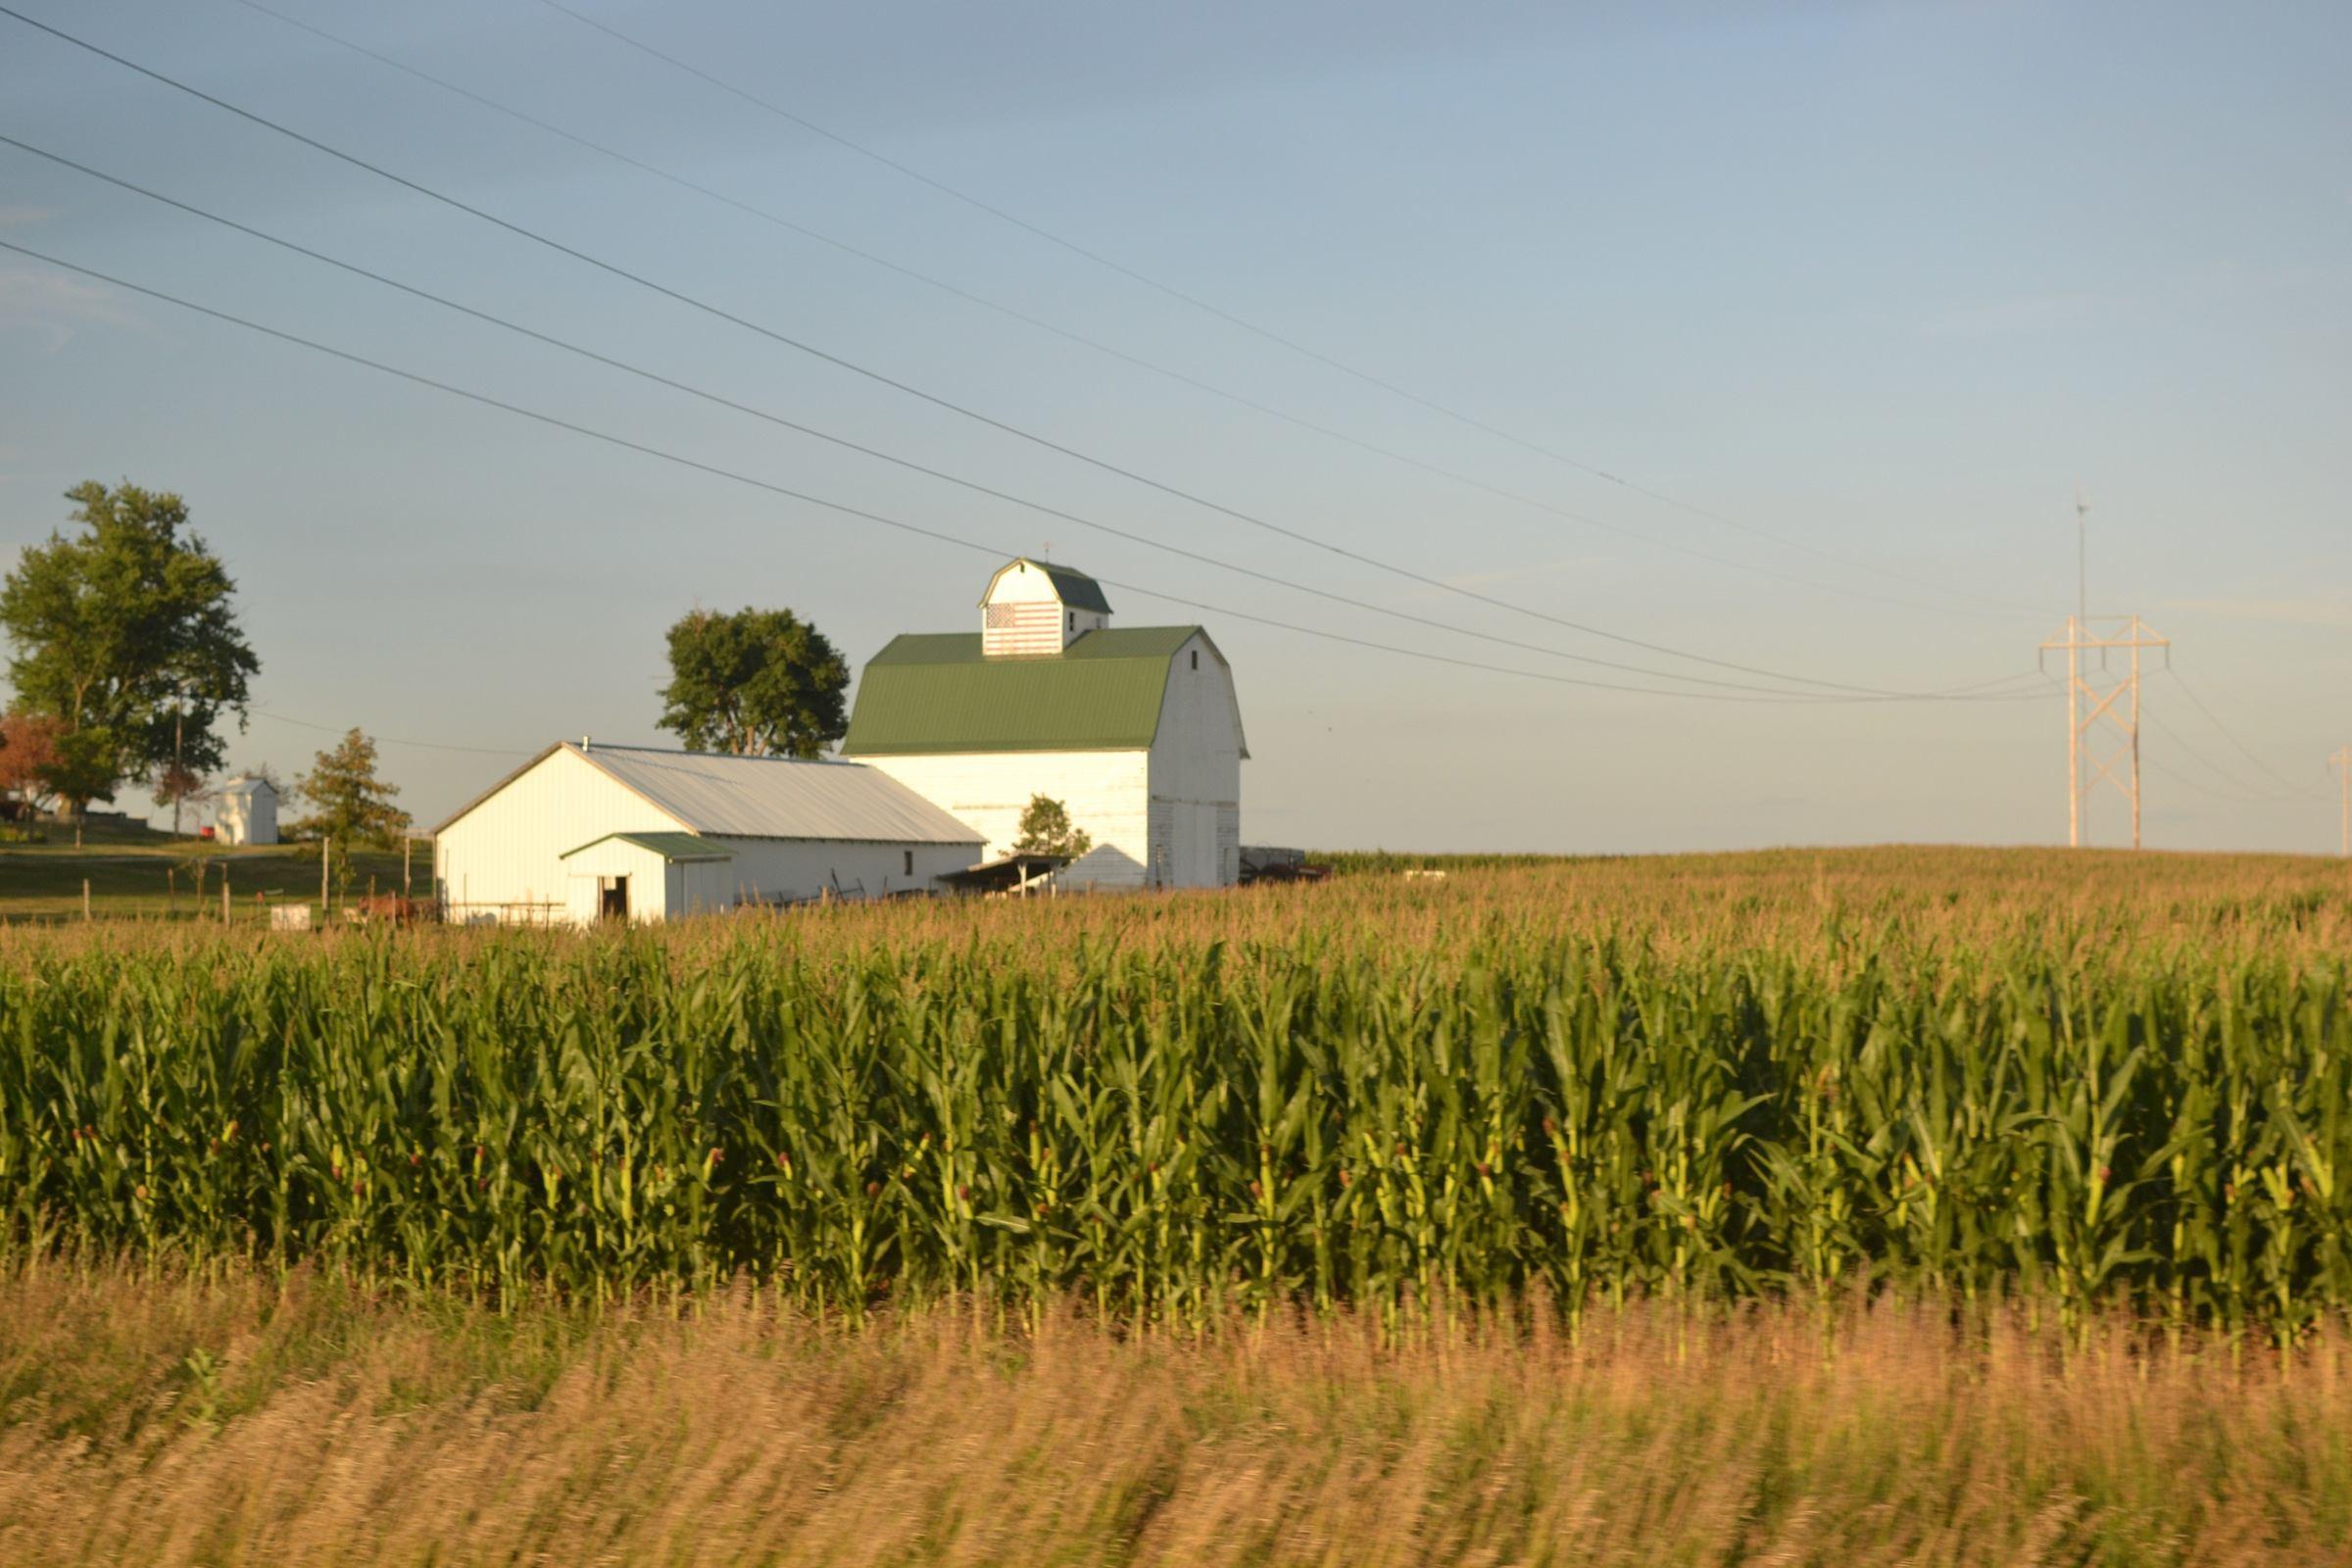 Peaceful evening in Iowa